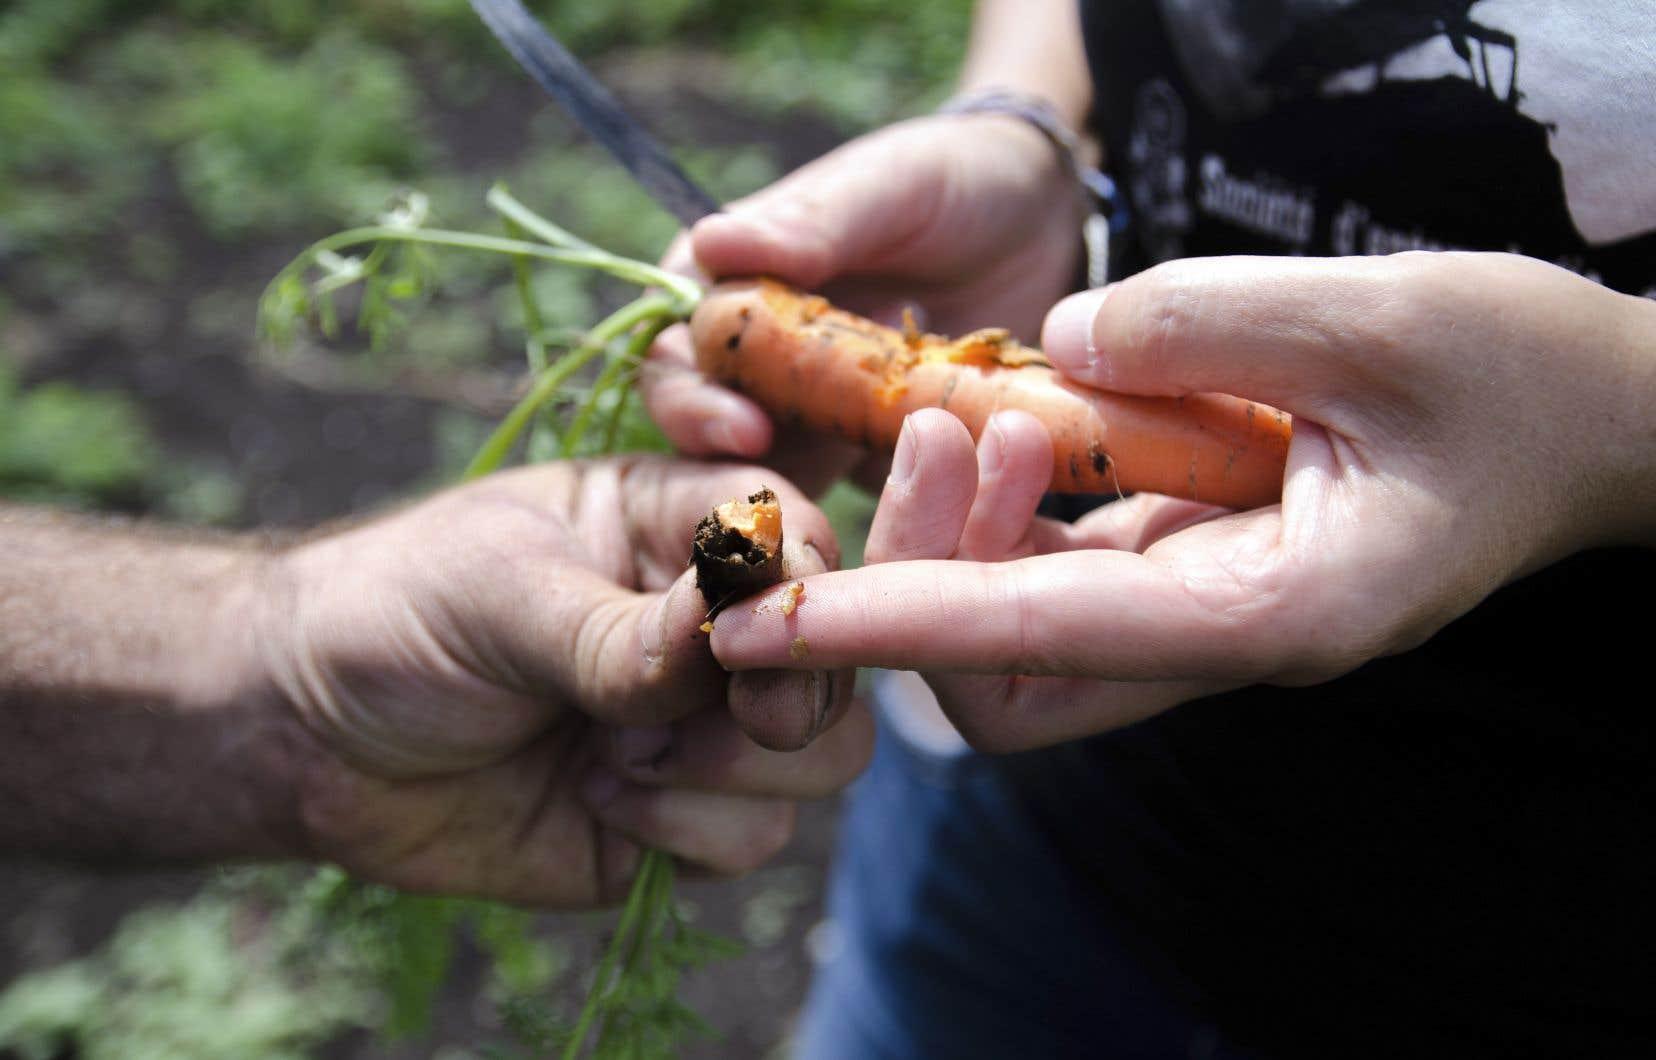 Des cavités noires gangrènent la partie supérieure d'une carotte. C'est l'œuvre d'une larve de charançon.